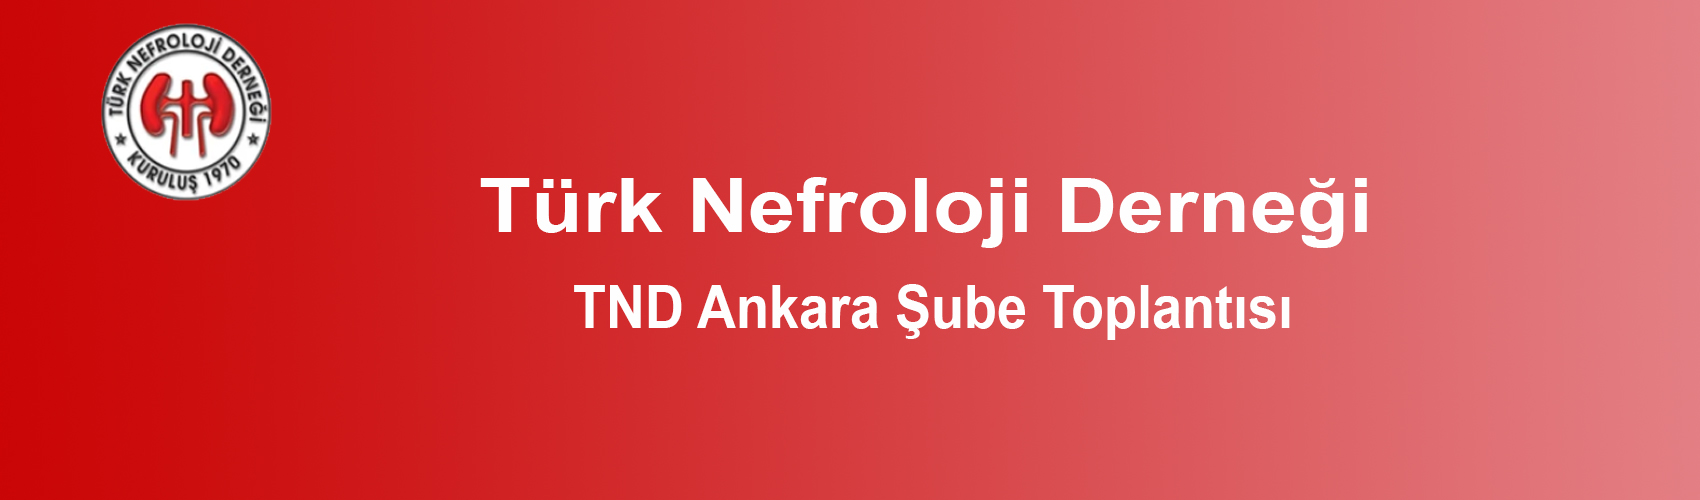 Türk Nefroloji Derneği Slide: TND Ankara Şube Toplantısı